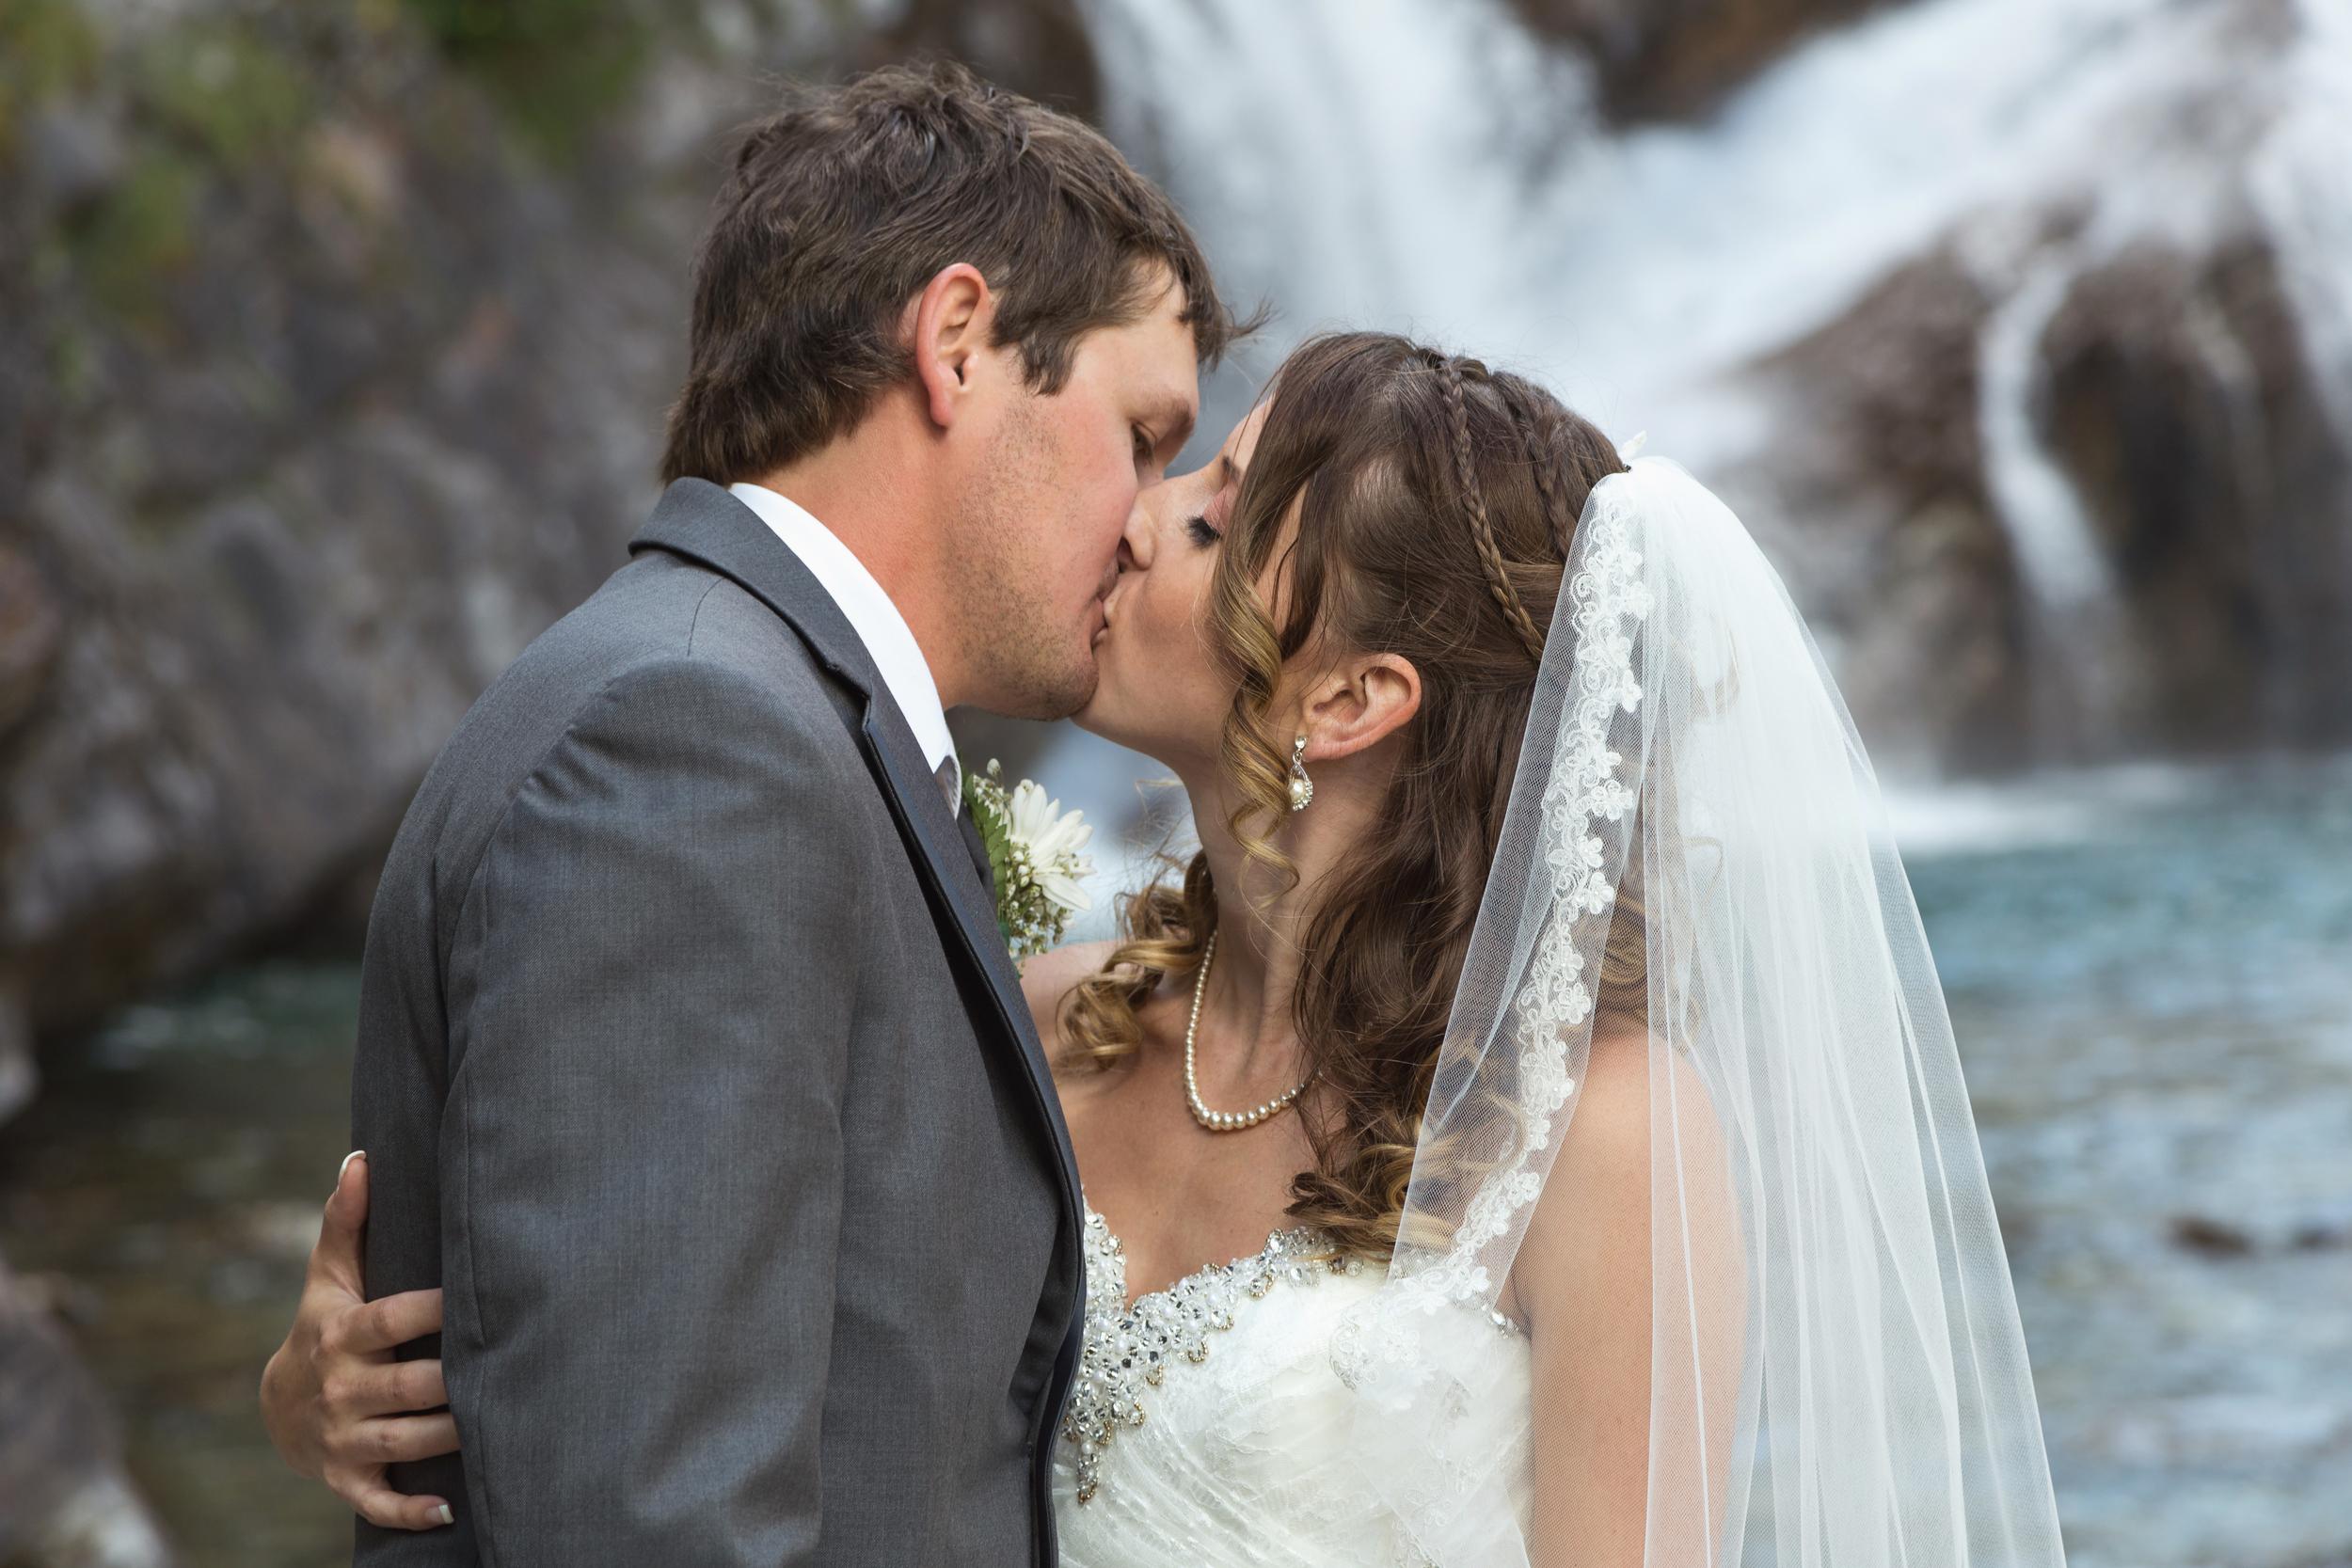 TJ_Wedding_325.jpg